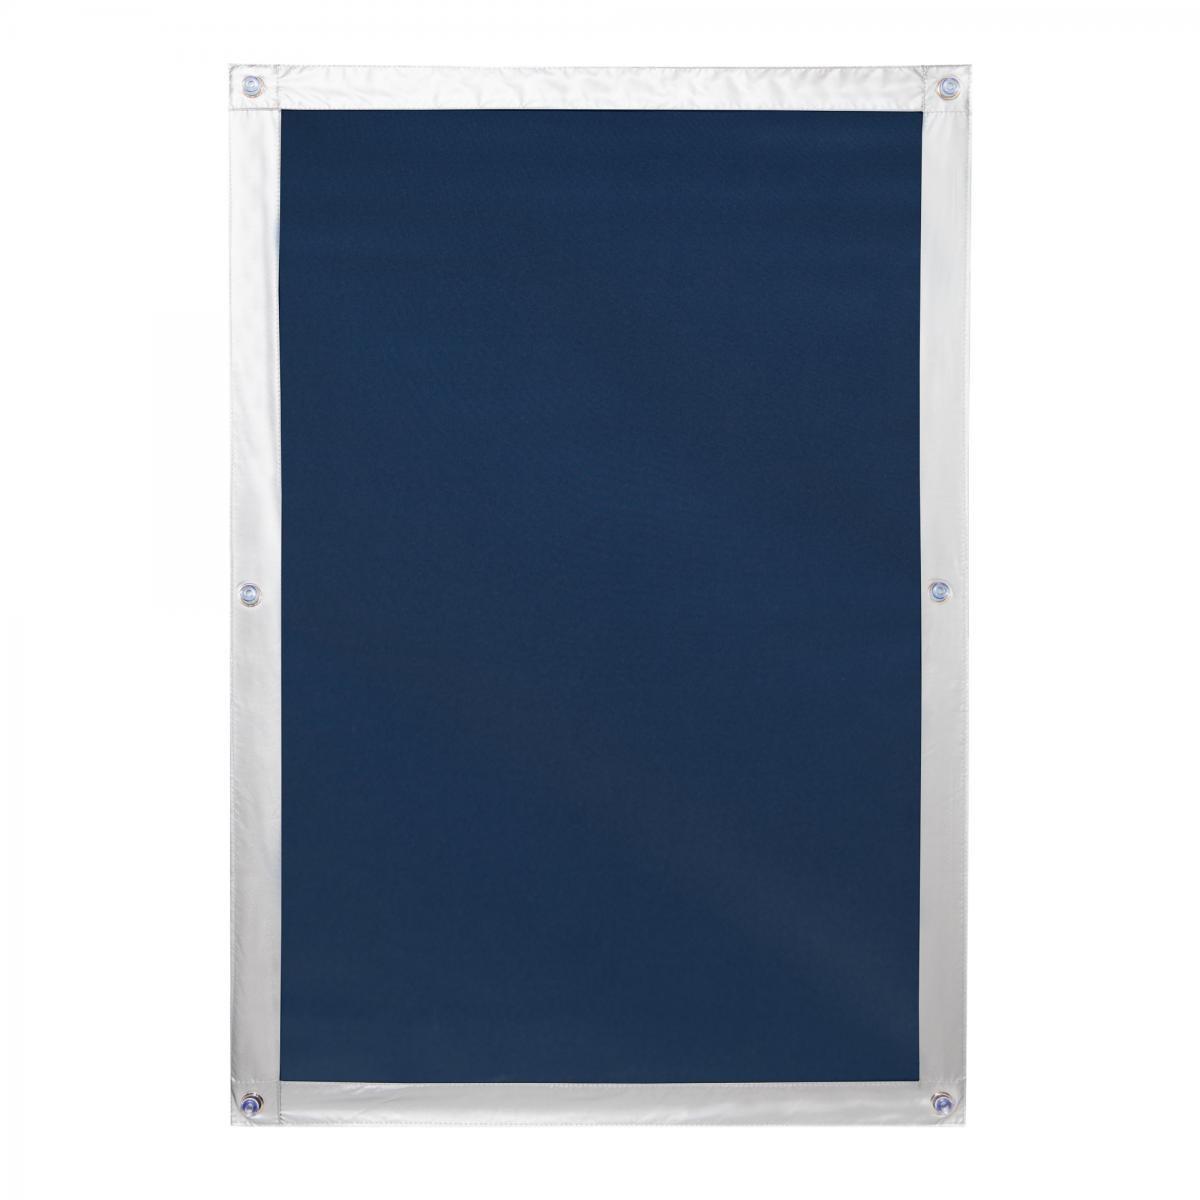 Bild 1 von Lichtblick Dachfenster Sonnenschutz Haftfix, ohne Bohren, Verdunkelung, Blau, 36 cm x 56,9 cm (B x L